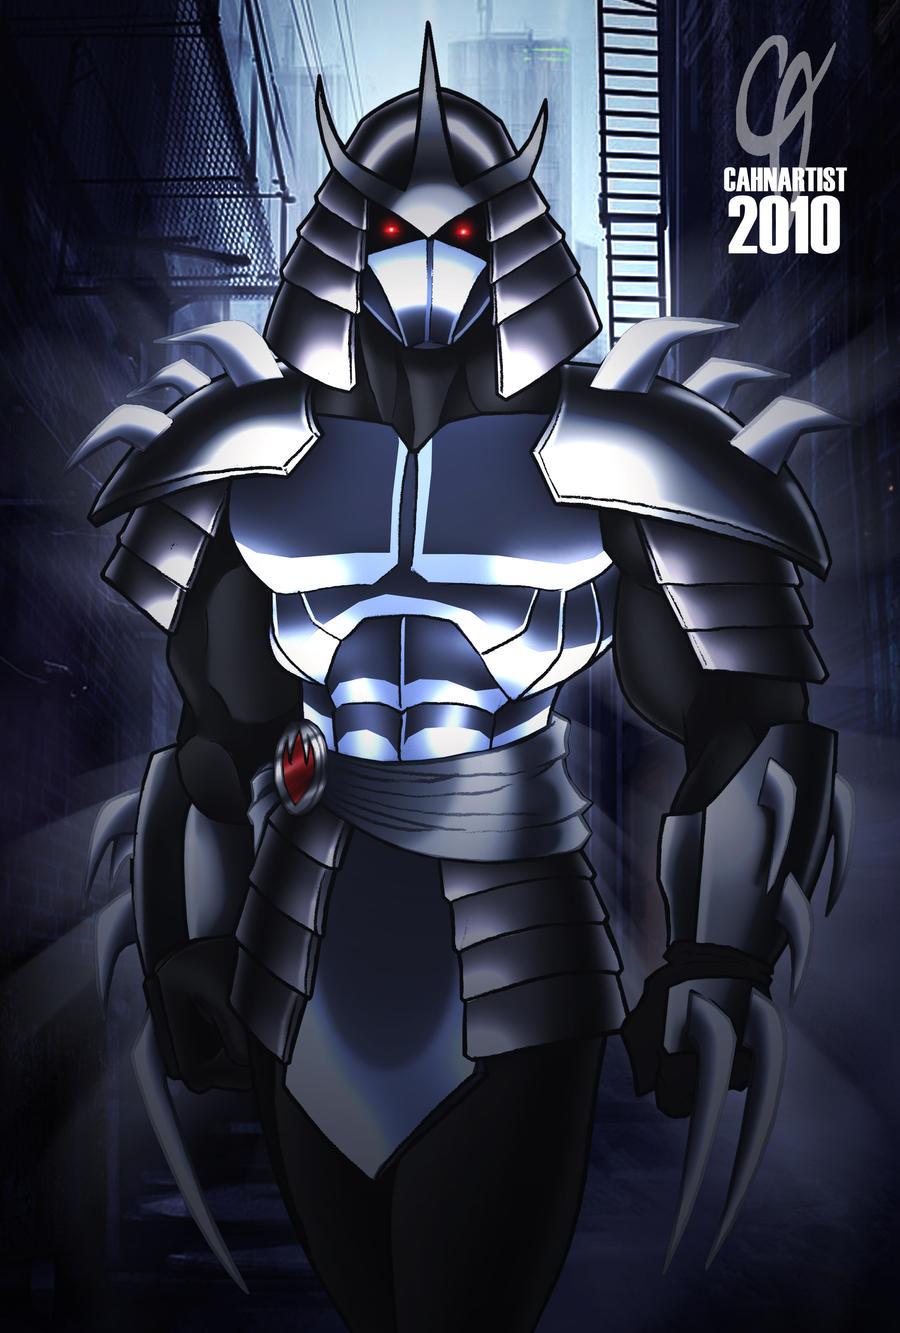 http://fc04.deviantart.net/fs70/i/2010/347/b/1/shredder_by_cahnartist-d34u0eg.jpg